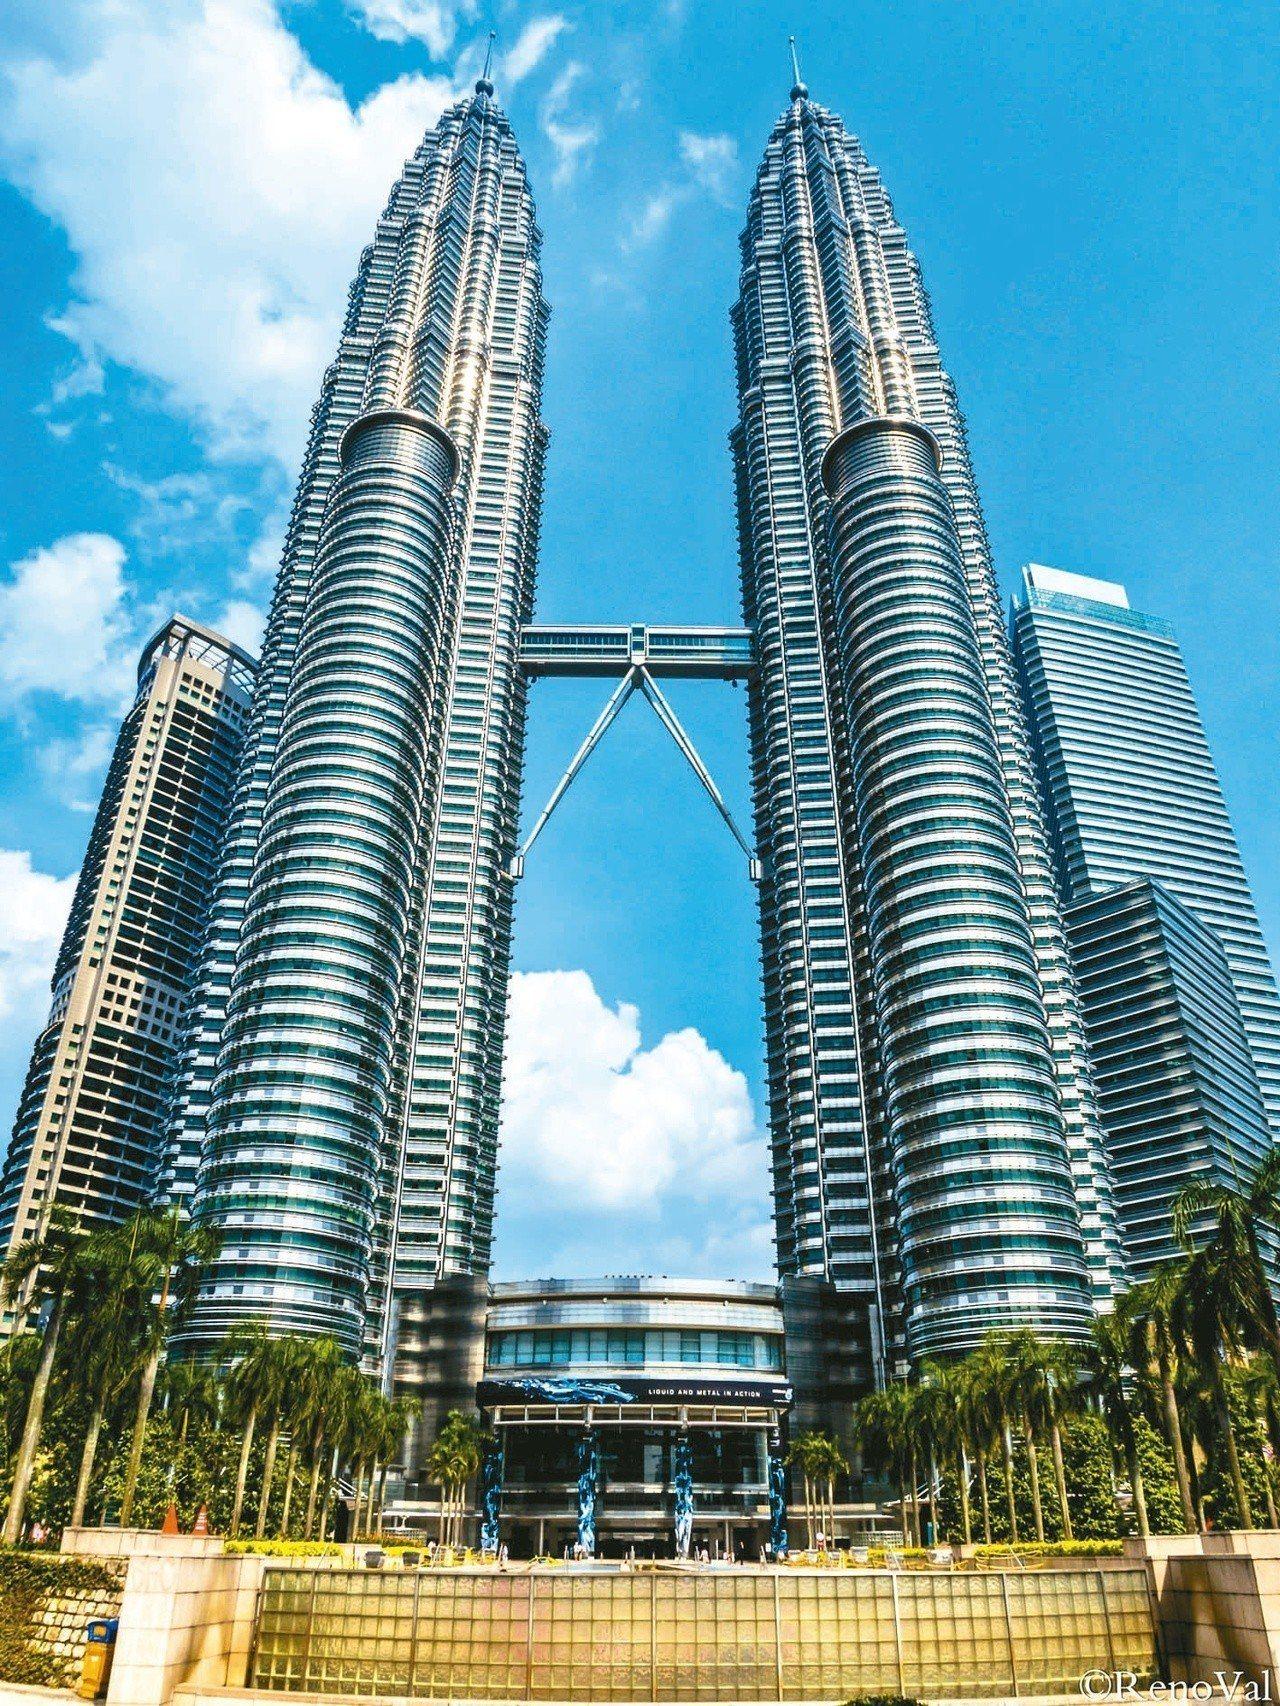 馬來西亞的吉隆坡是亞洲高度發展的城市之一 圖片來源/聯合報系